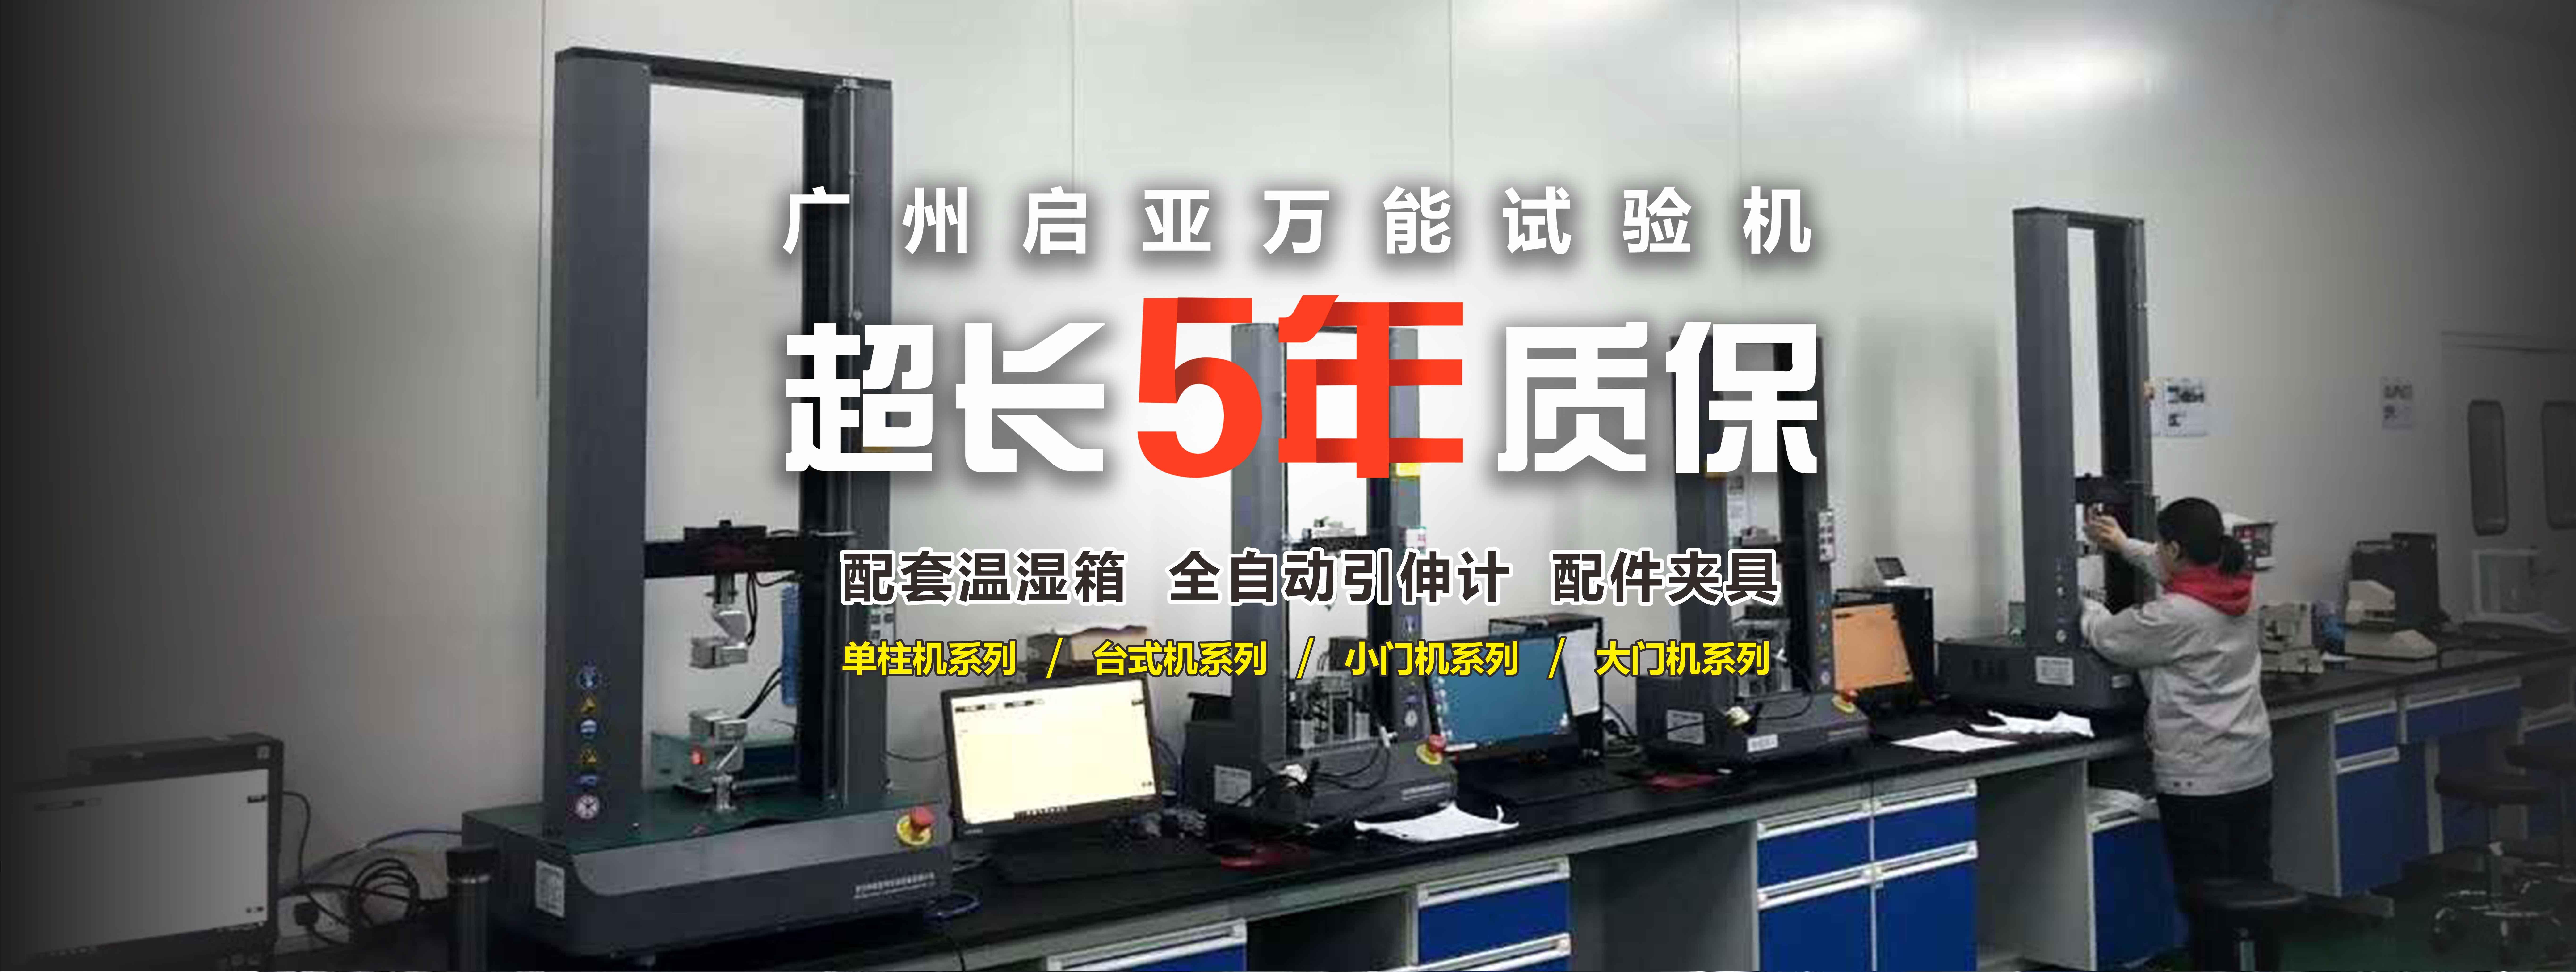 电子万能试验机五年超长质保